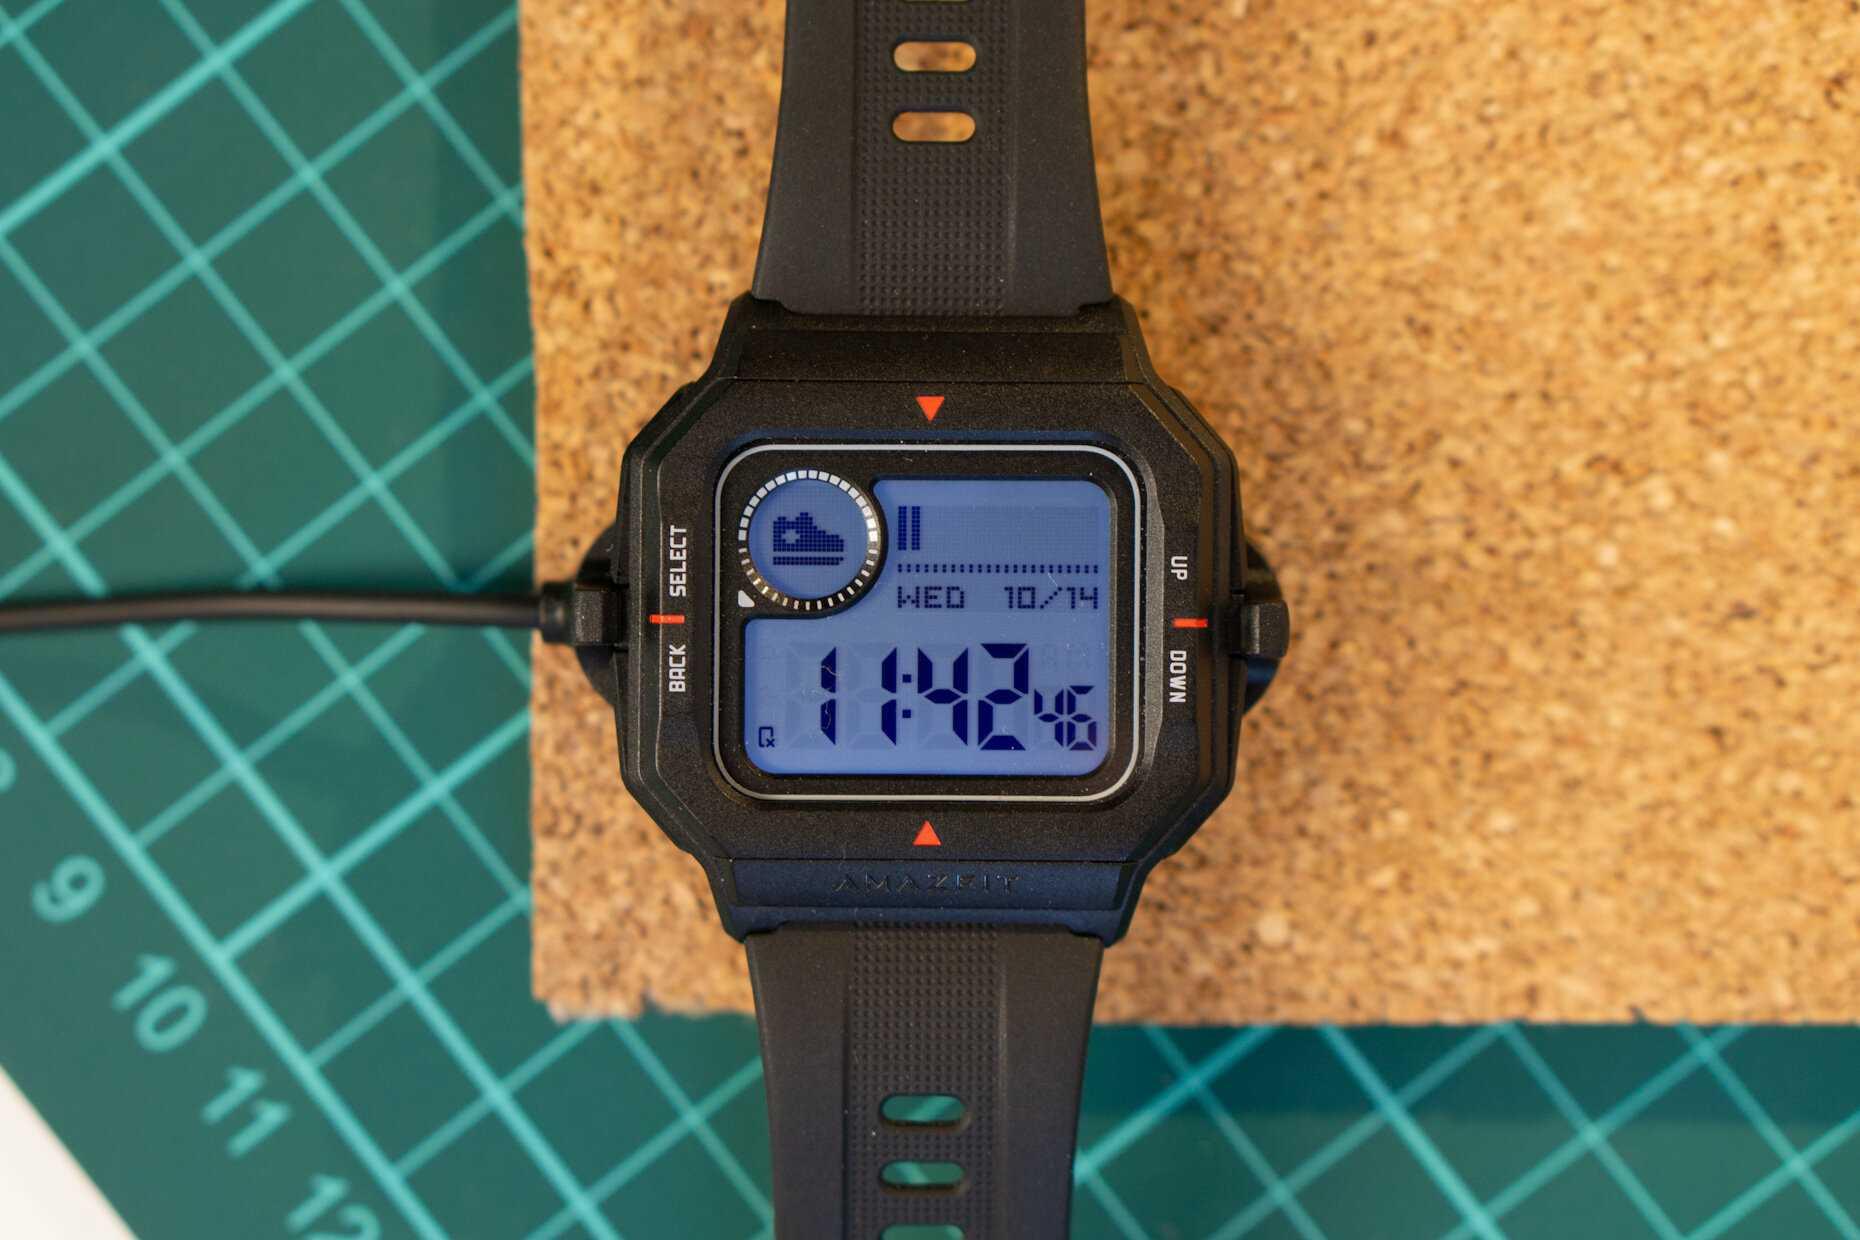 Компания Huami вновь порадовала свою целевую аудиторию доступным ценником и качественными смарт-часами серии Amazfit Neo Гаджет выполнен в стиле 80-х годов